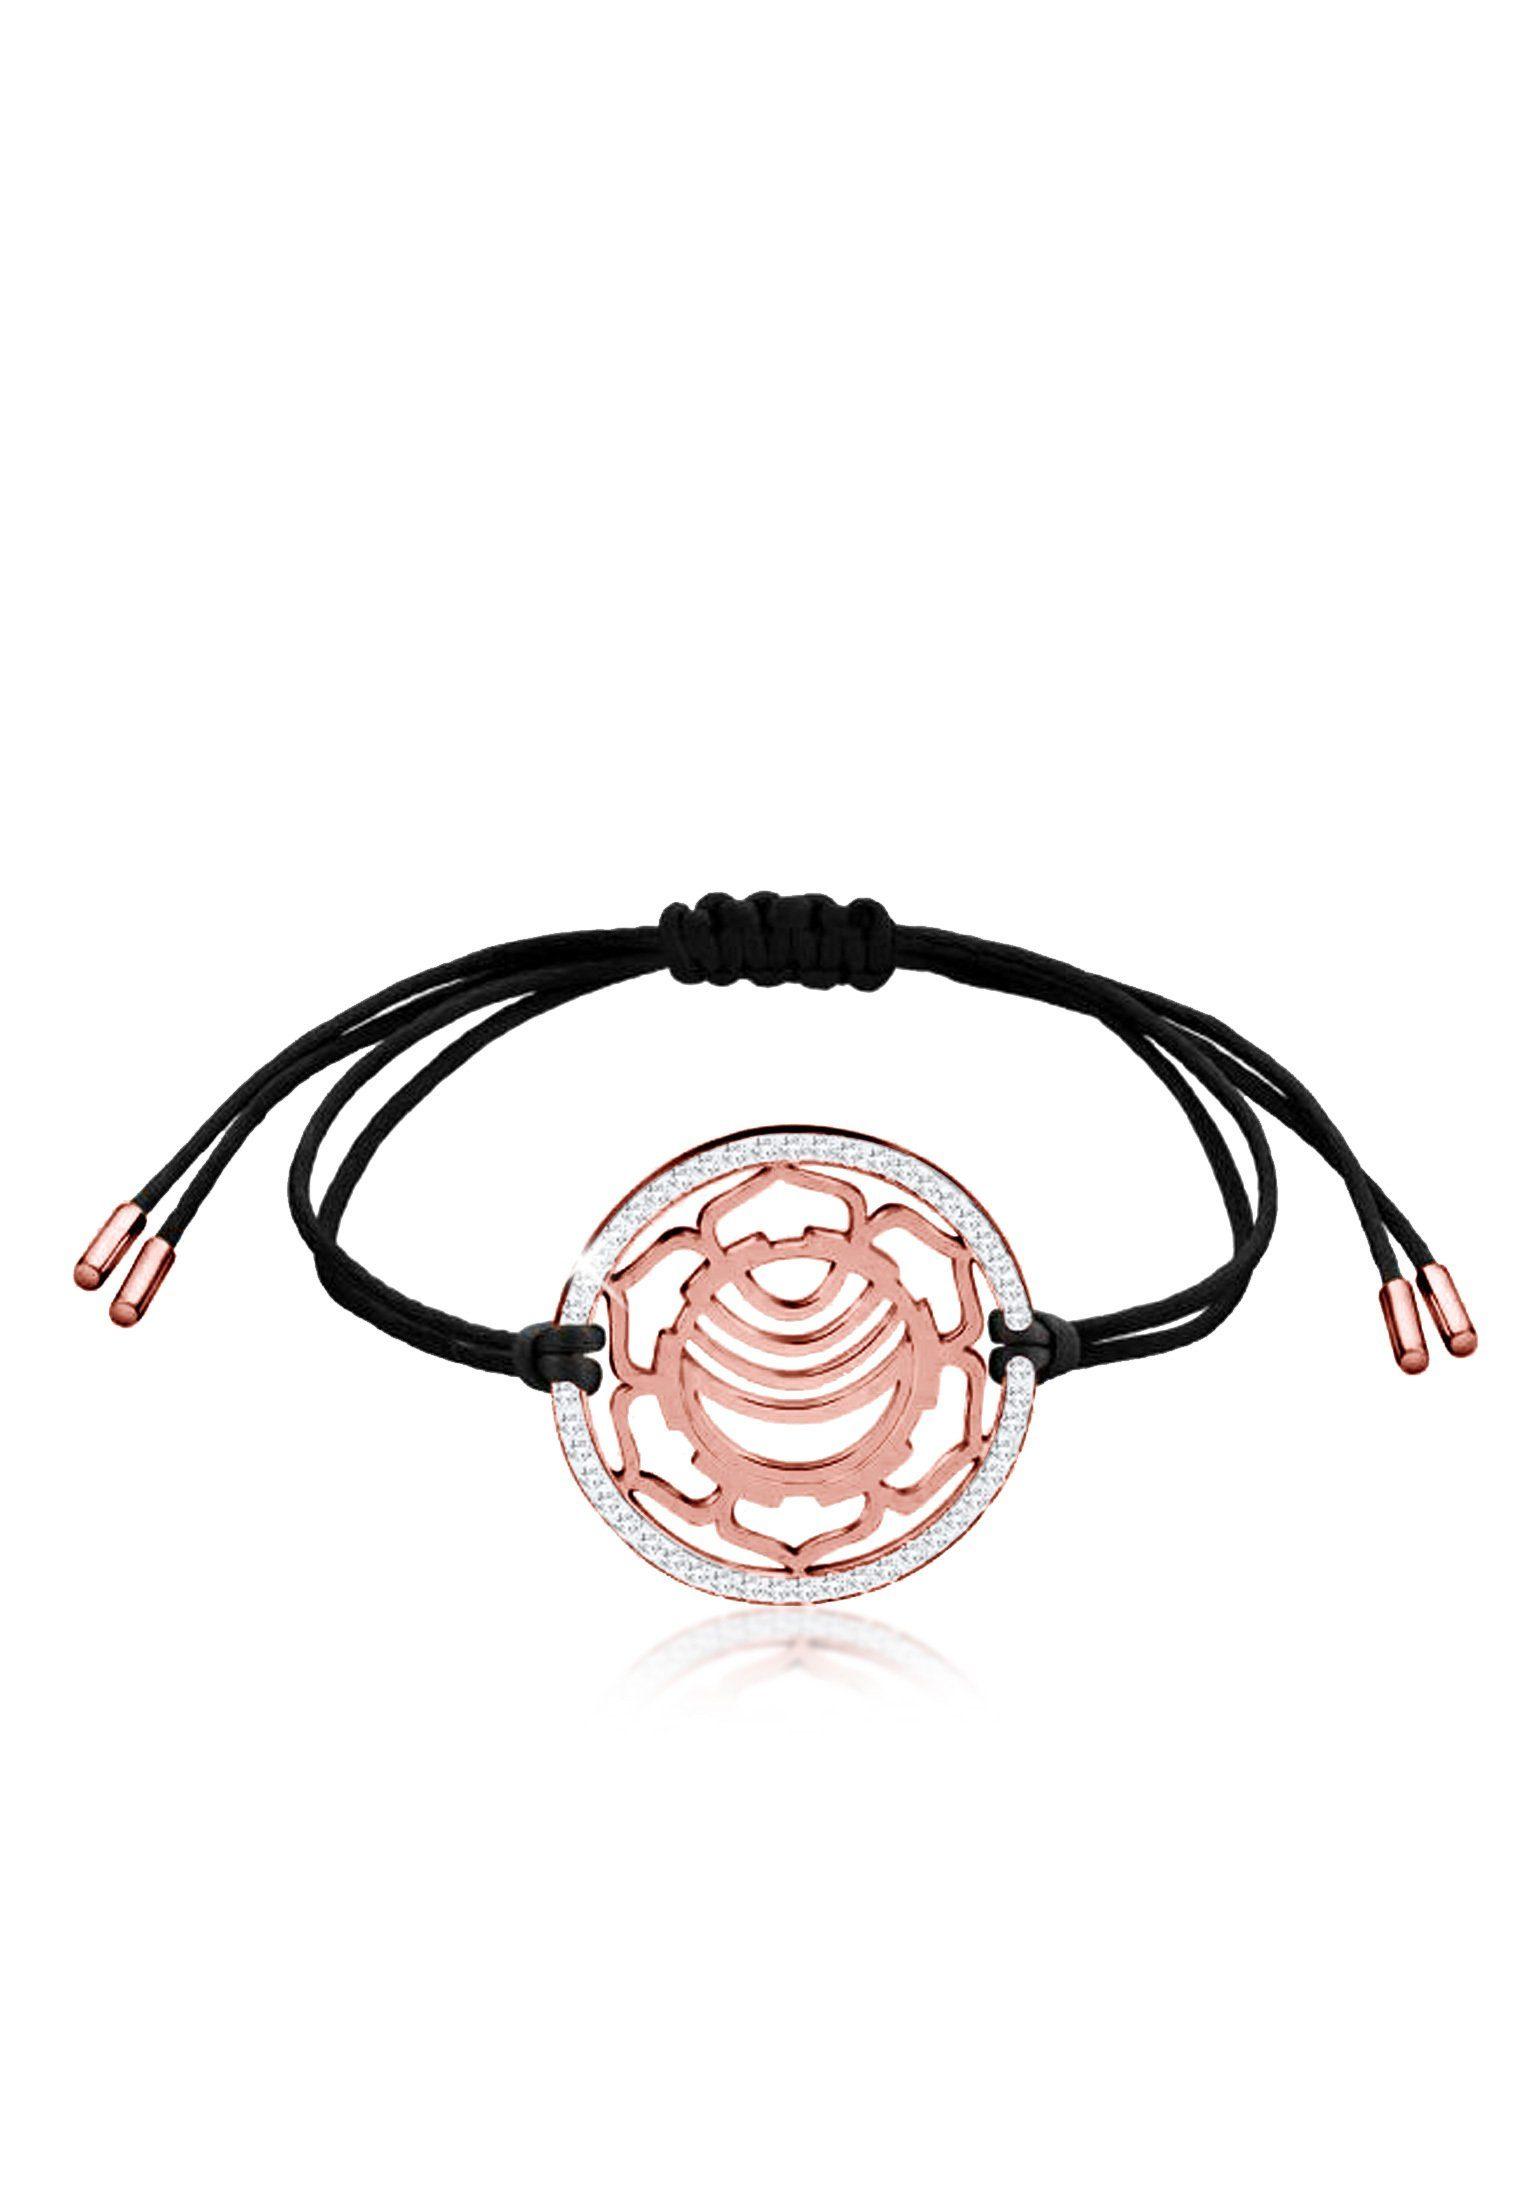 Nenalina Armband Sakral Chakra Yoga Swarovski Kristalle 925 Silber Preisvergleich